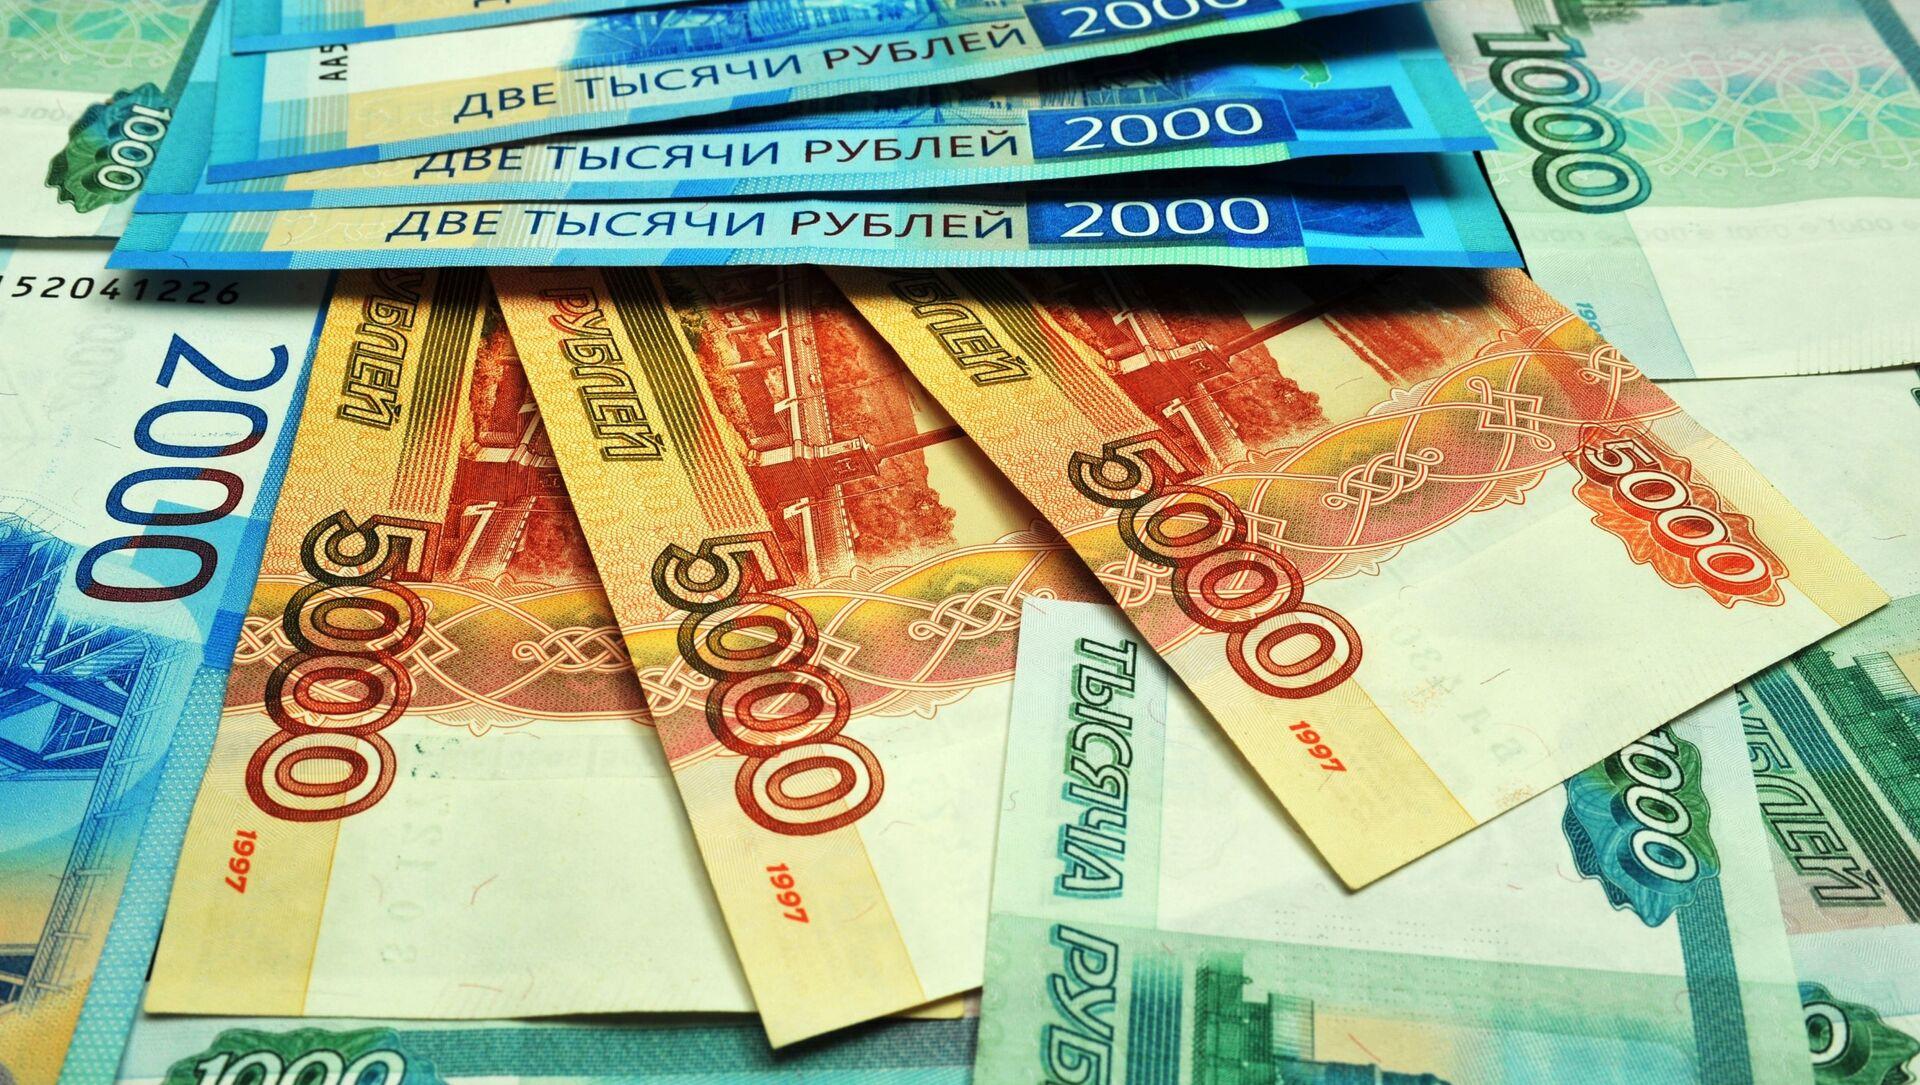 Банкноты номиналом 1000, 2000 и 5000 рублей. - Sputnik Абхазия, 1920, 06.10.2021